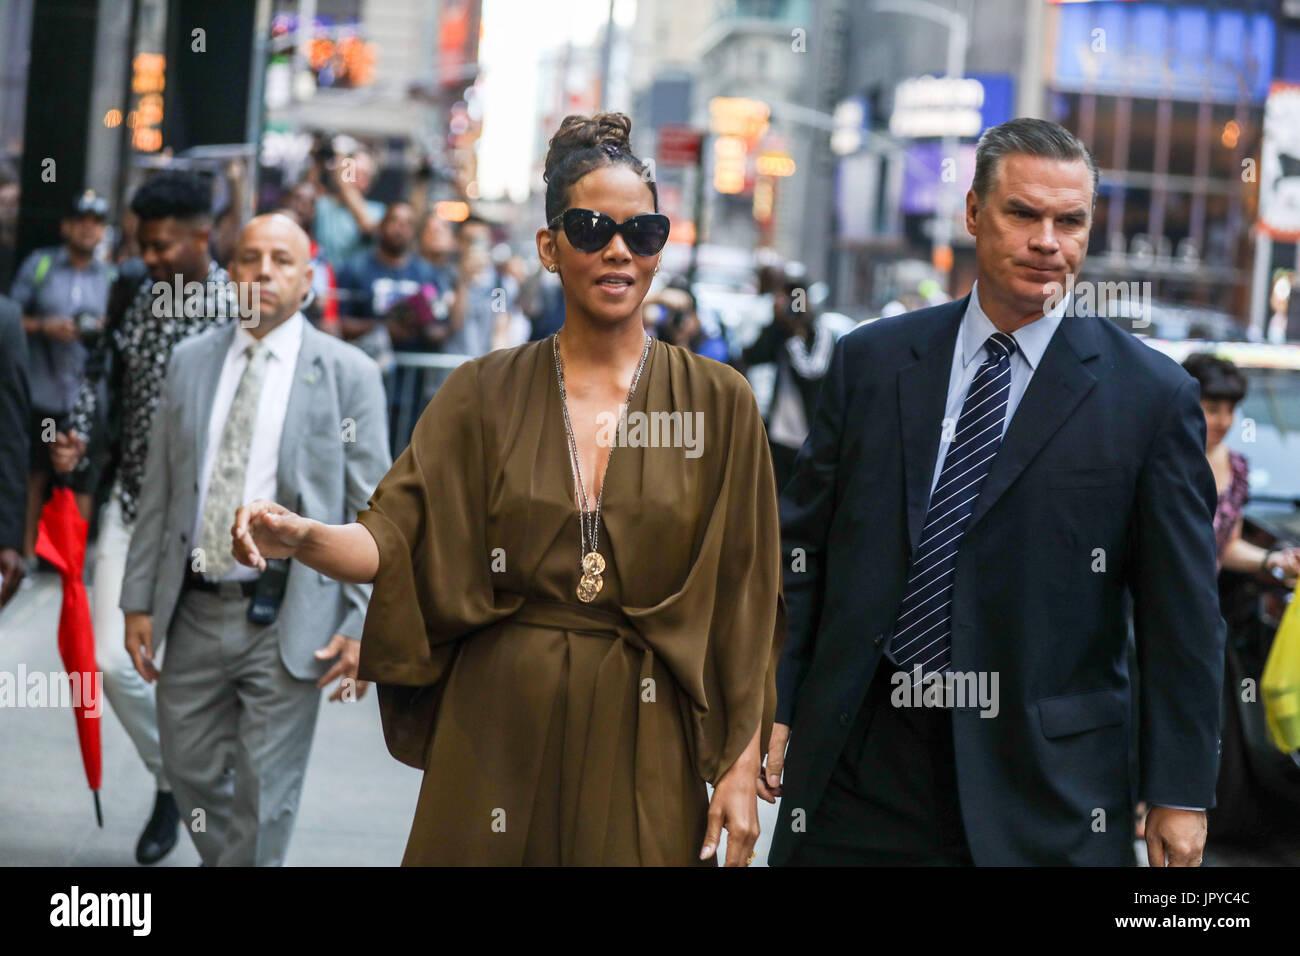 Nueva York, Estados Unidos. 3 ago, 2017. Actriz norteamericana Halle Berry es visto llegar en un programa de televisión en la zona de Times Square de Nueva York, este jueves, 03. Crédito: Brasil Foto Press/Alamy Live News Imagen De Stock